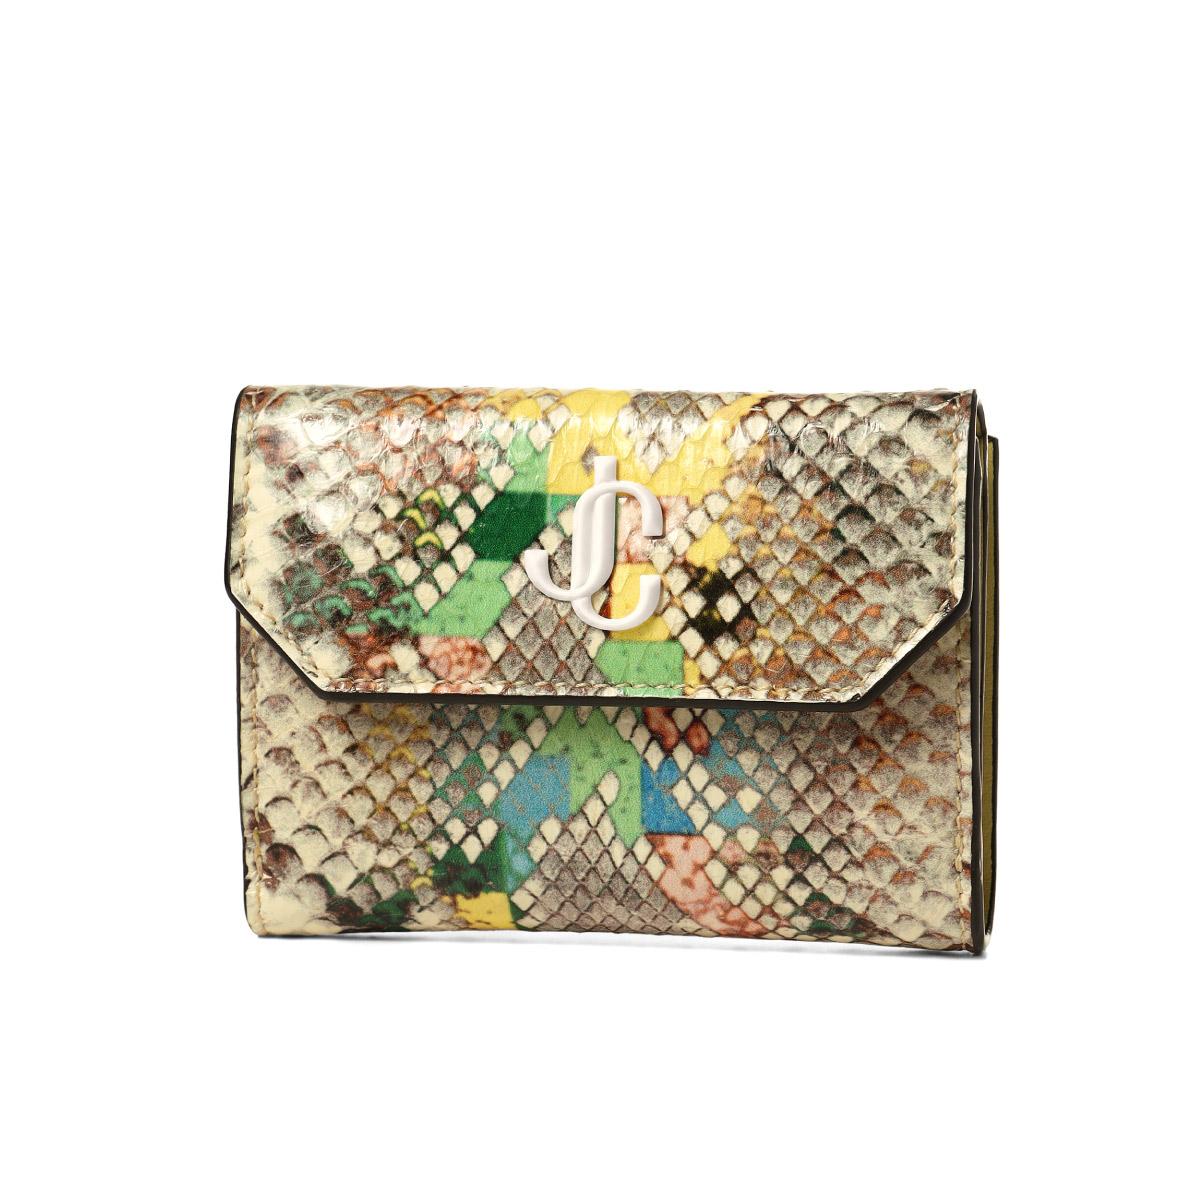 JIMMY CHOO ジミー チュウ | 二つ折り財布 | ODILE オディール